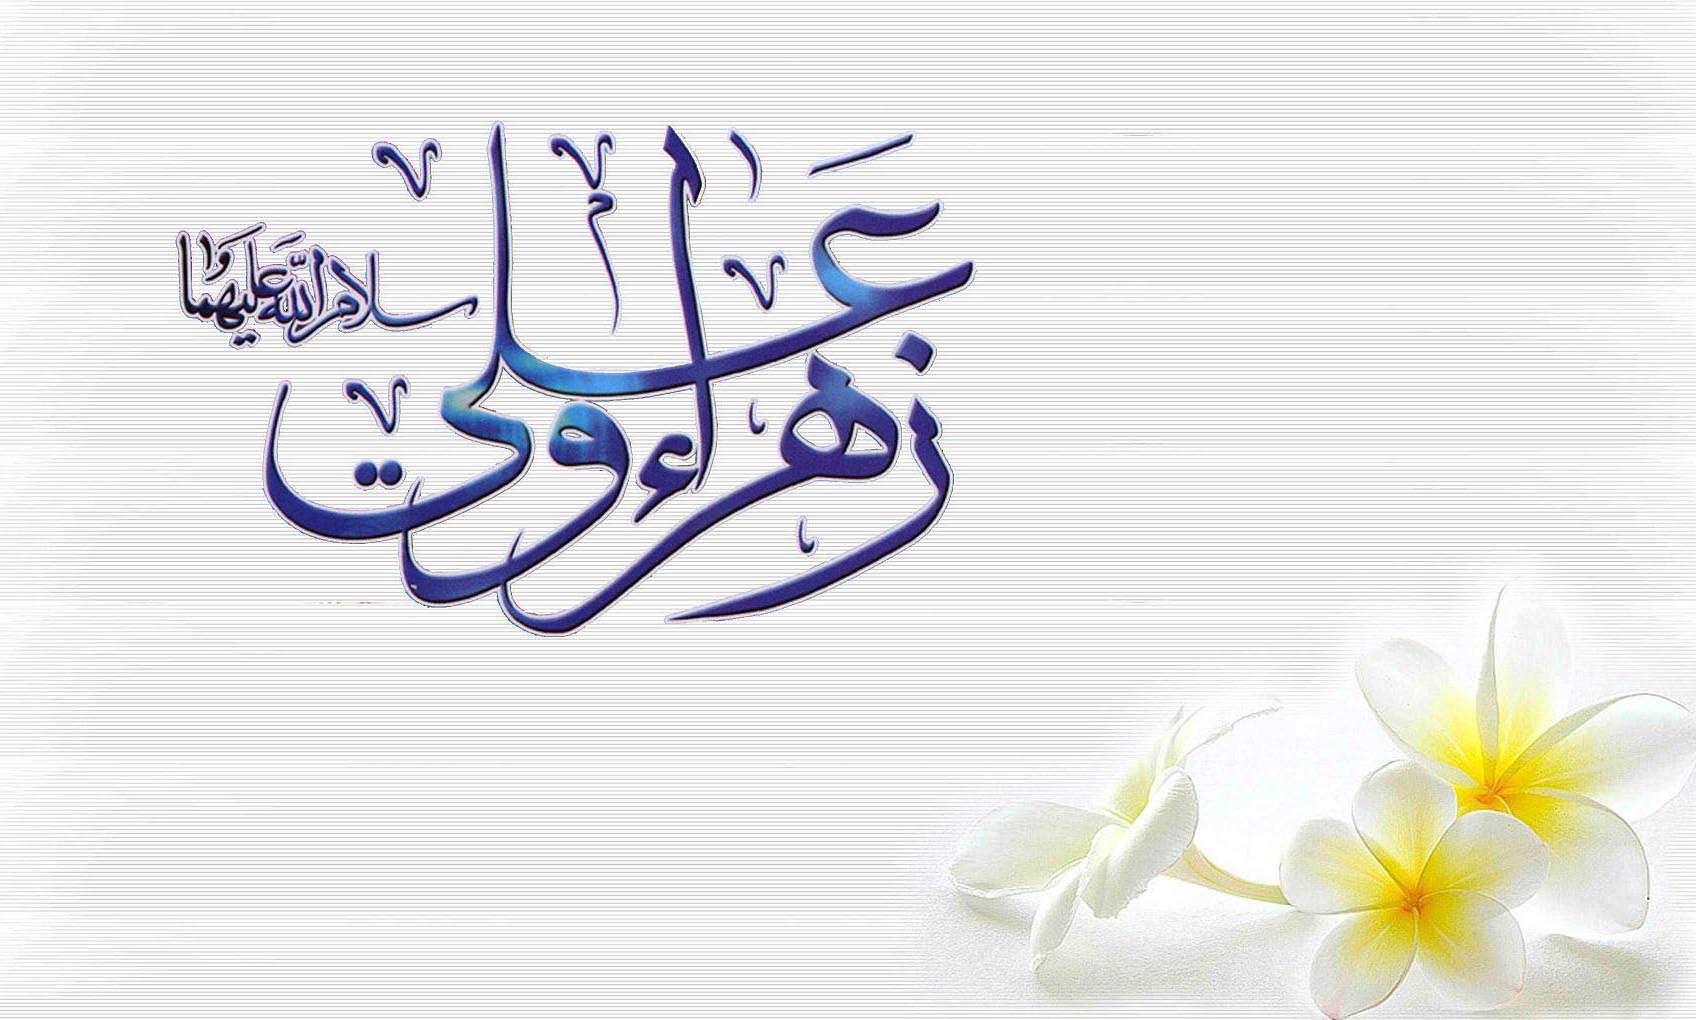 زیارت نامه حضرت علی و زهرا علیهما سلام